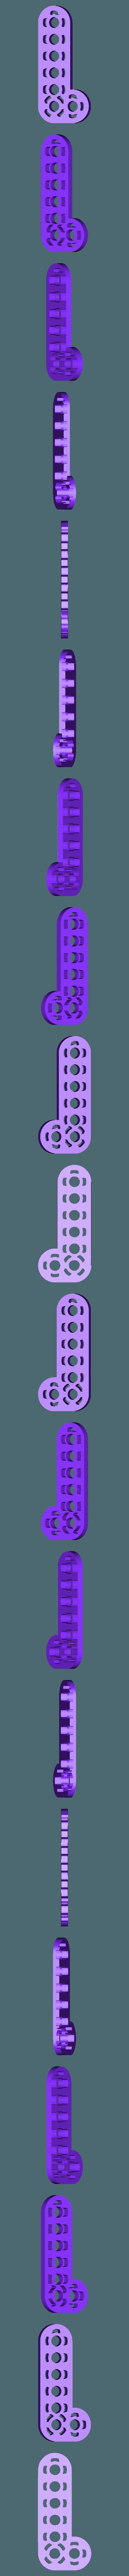 L_2_6.STL Télécharger fichier STL gratuit MEGA Expansion 200+ Pièces • Plan à imprimer en 3D, Pwentey